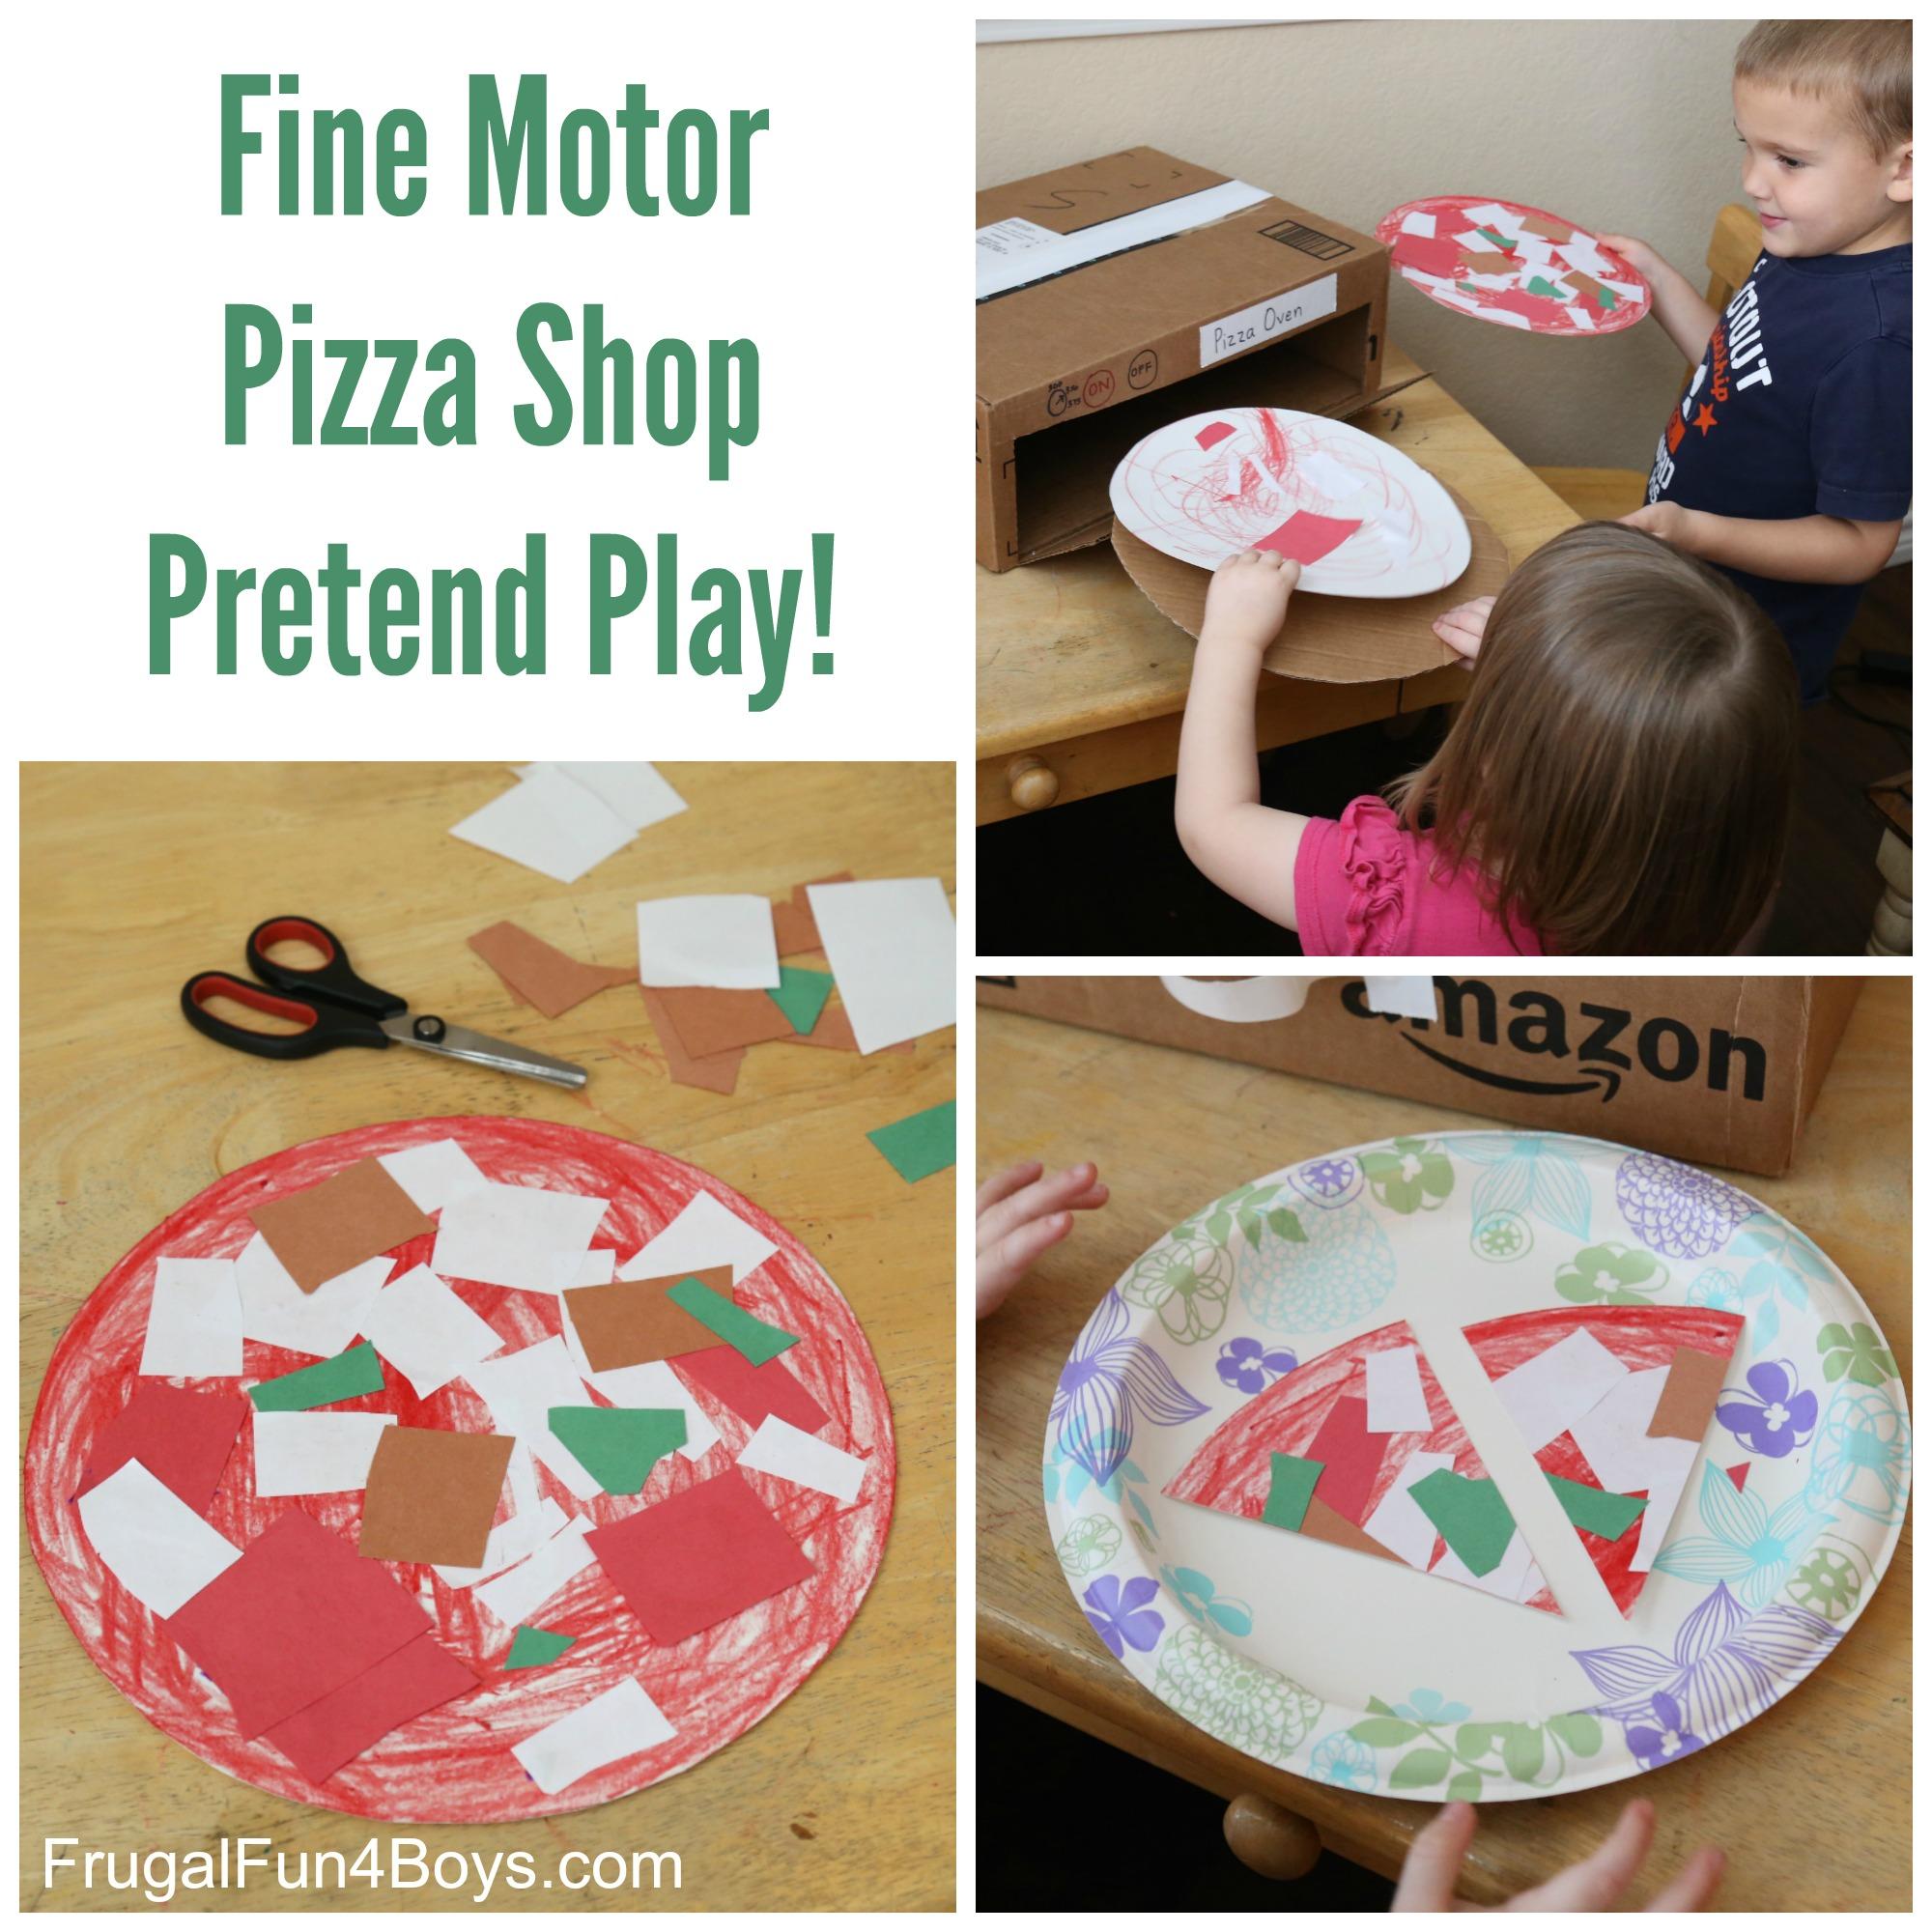 Pizza Shop Fine Motor Activity For Preschoolers